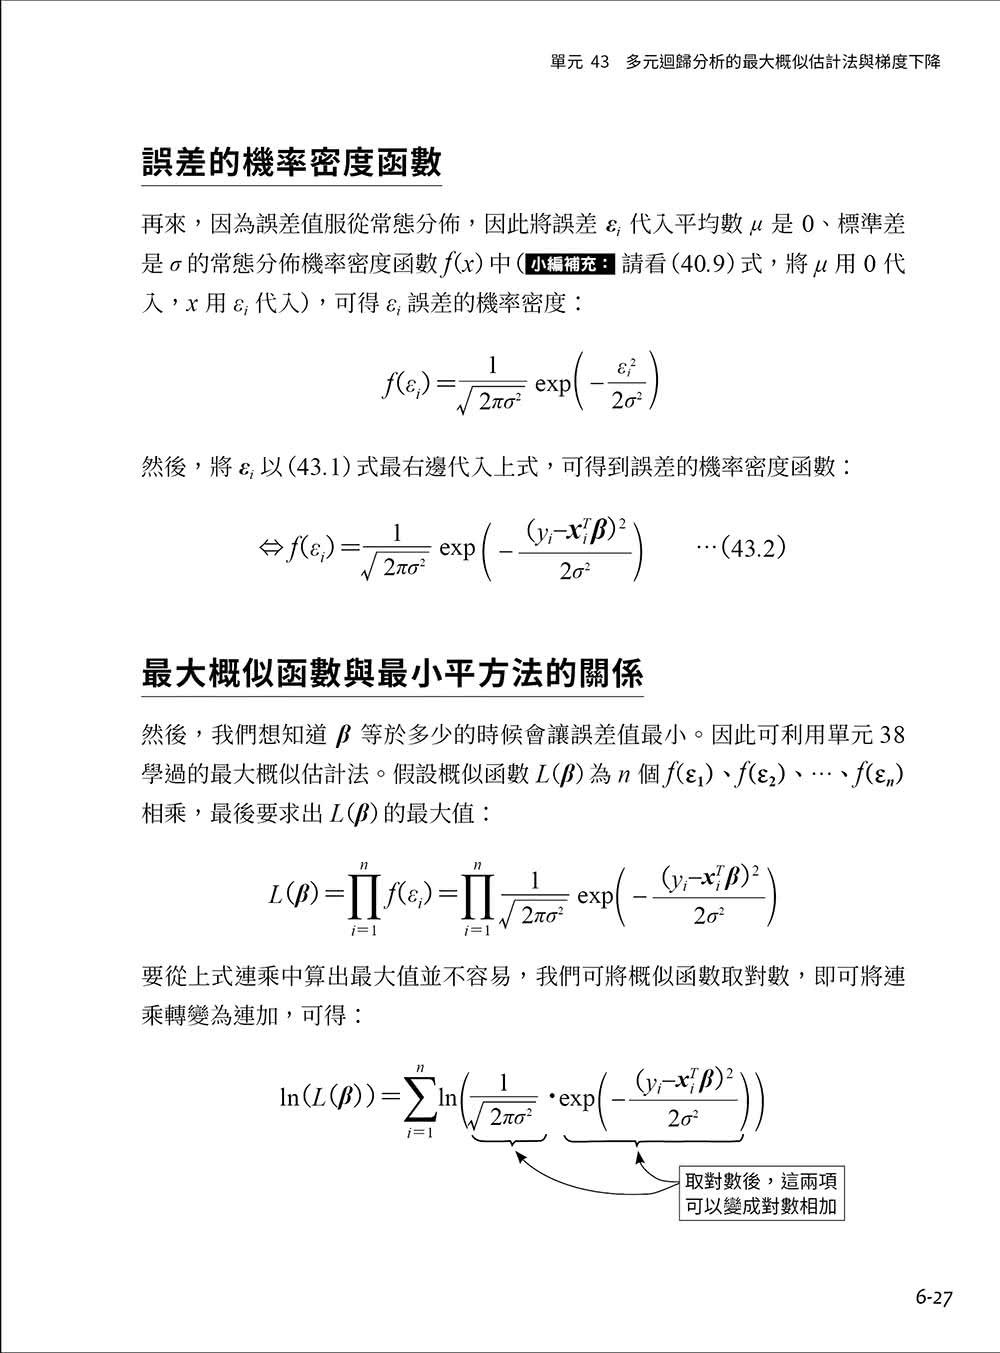 機器學習的數學基礎:AI、深度學習打底必讀